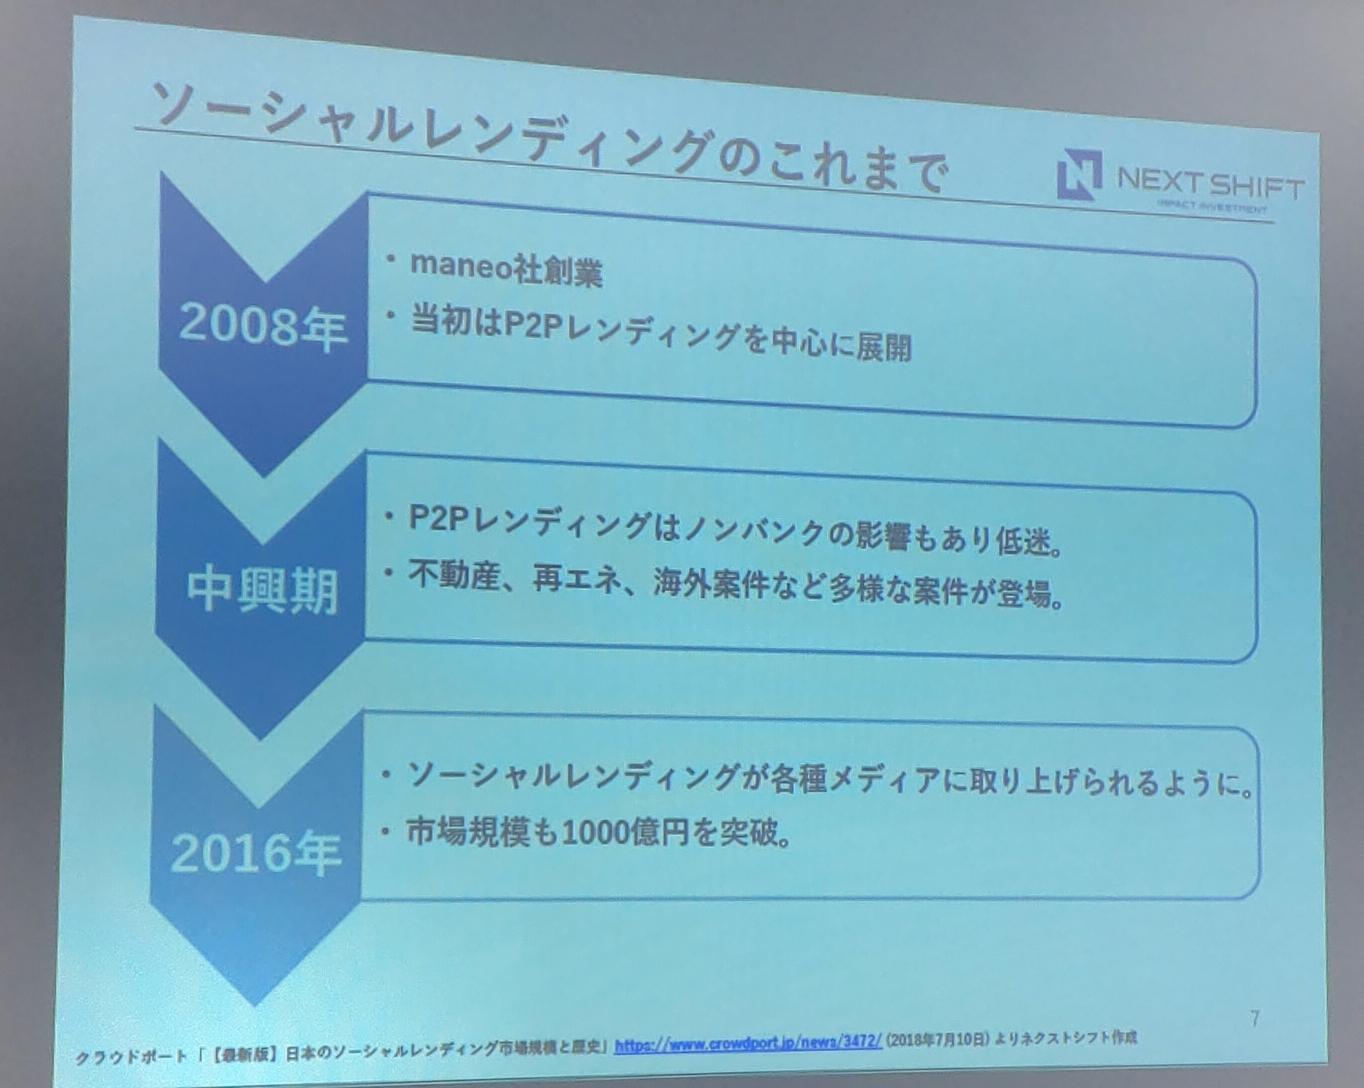 ネクストシフトファンドセミナー参加報告20181011_20